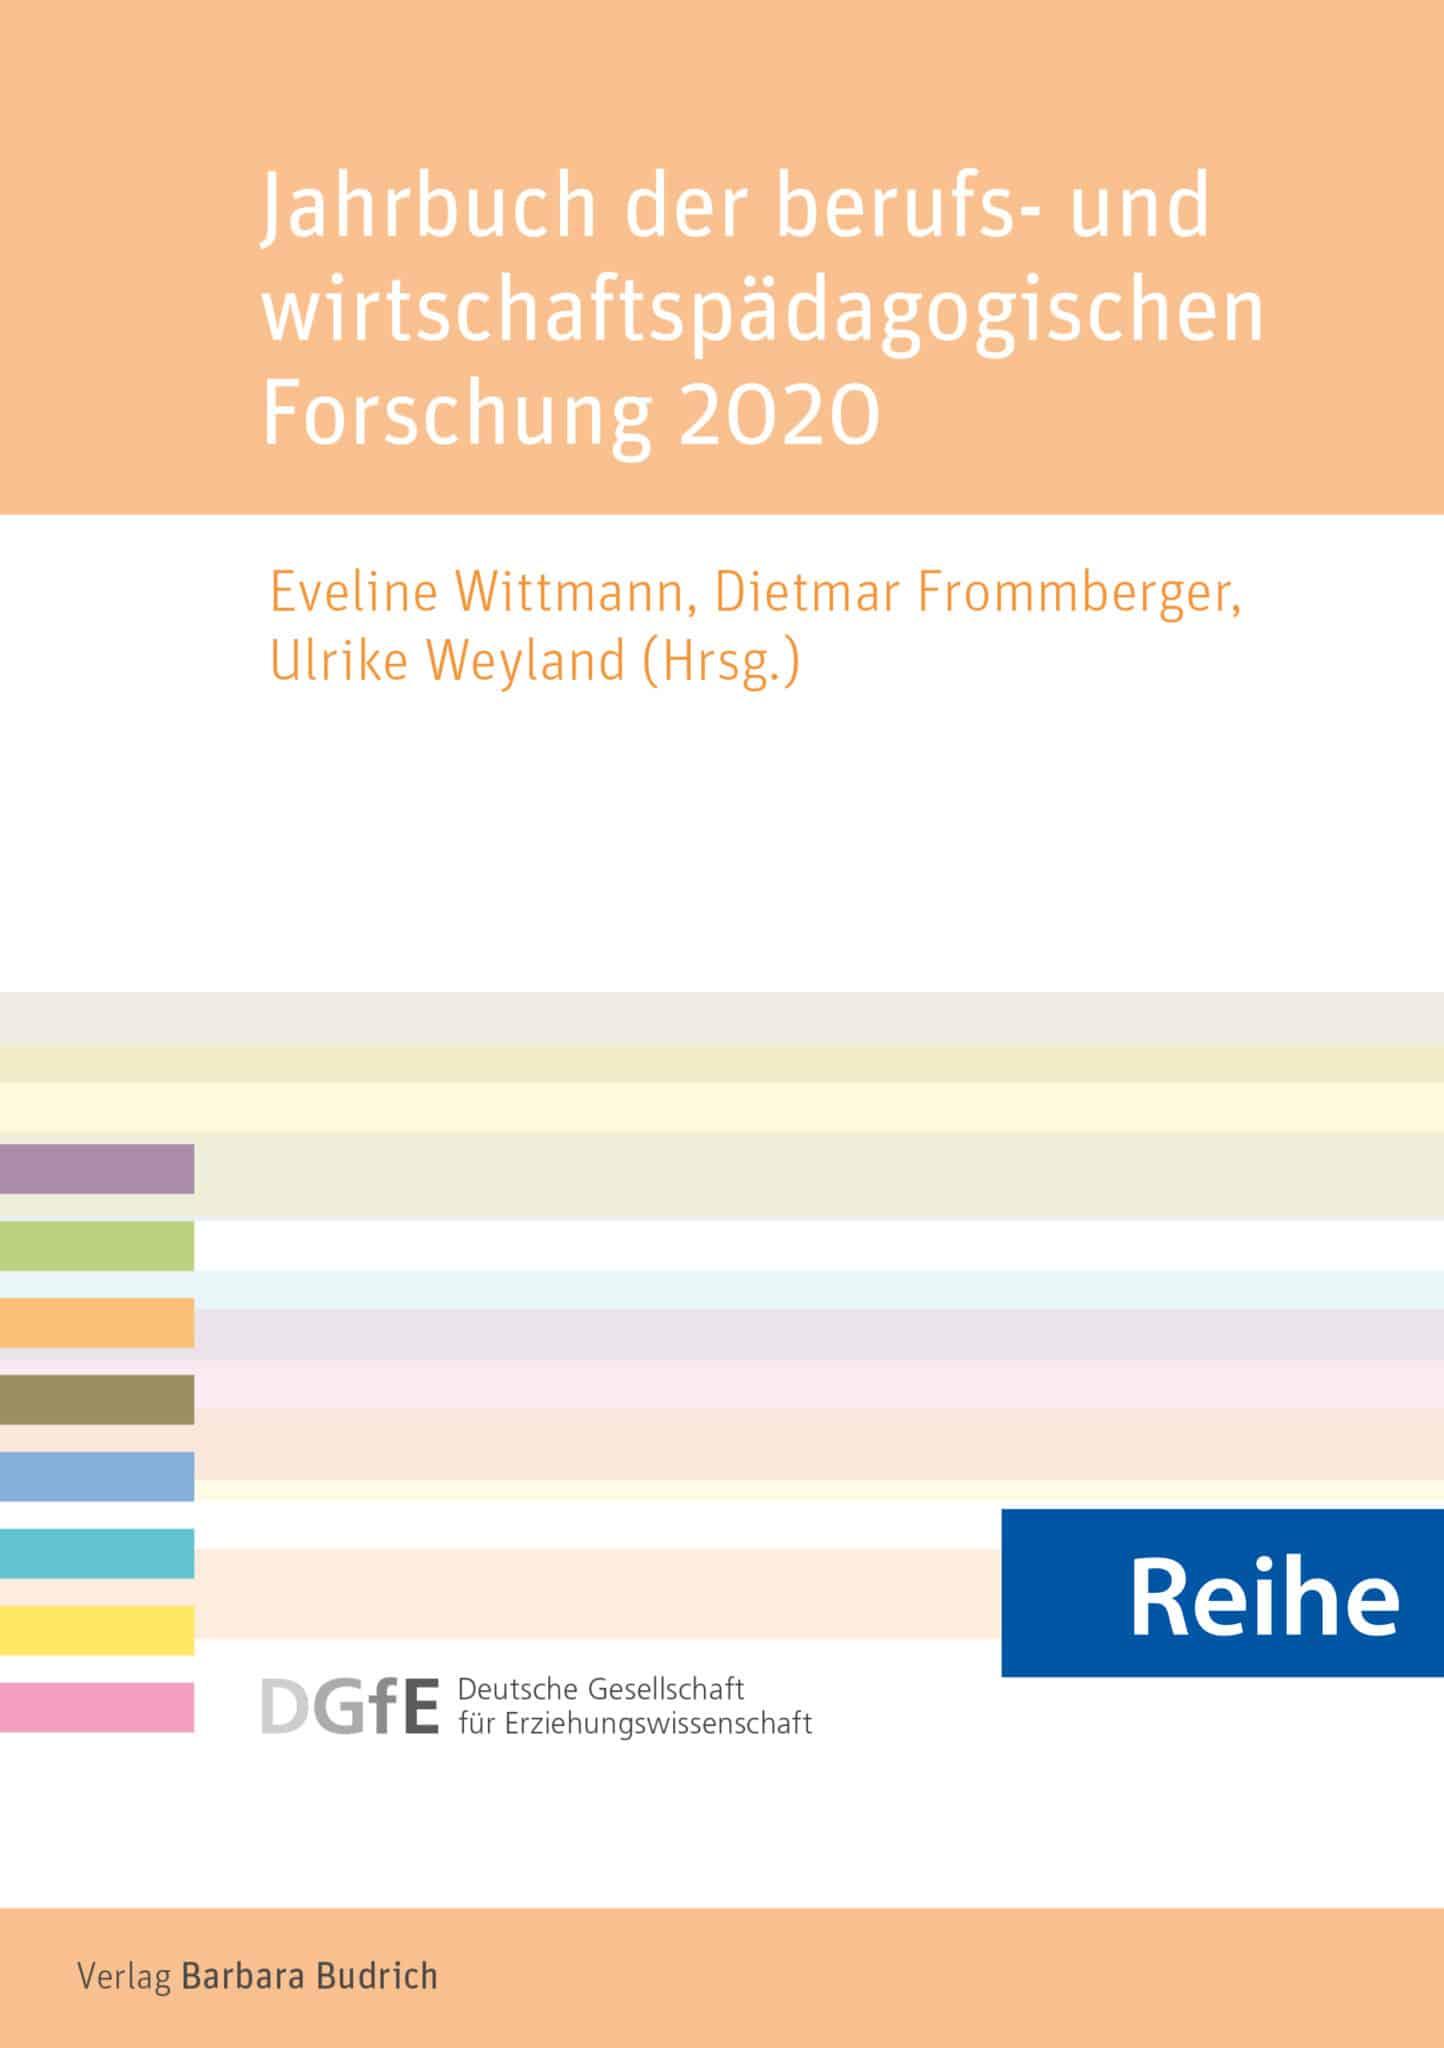 Reihe – Schriftenreihe der Sektion Berufs- und Wirtschaftspädagogik der Deutschen Gesellschaft für Erziehungswissenschaft (DGfE)